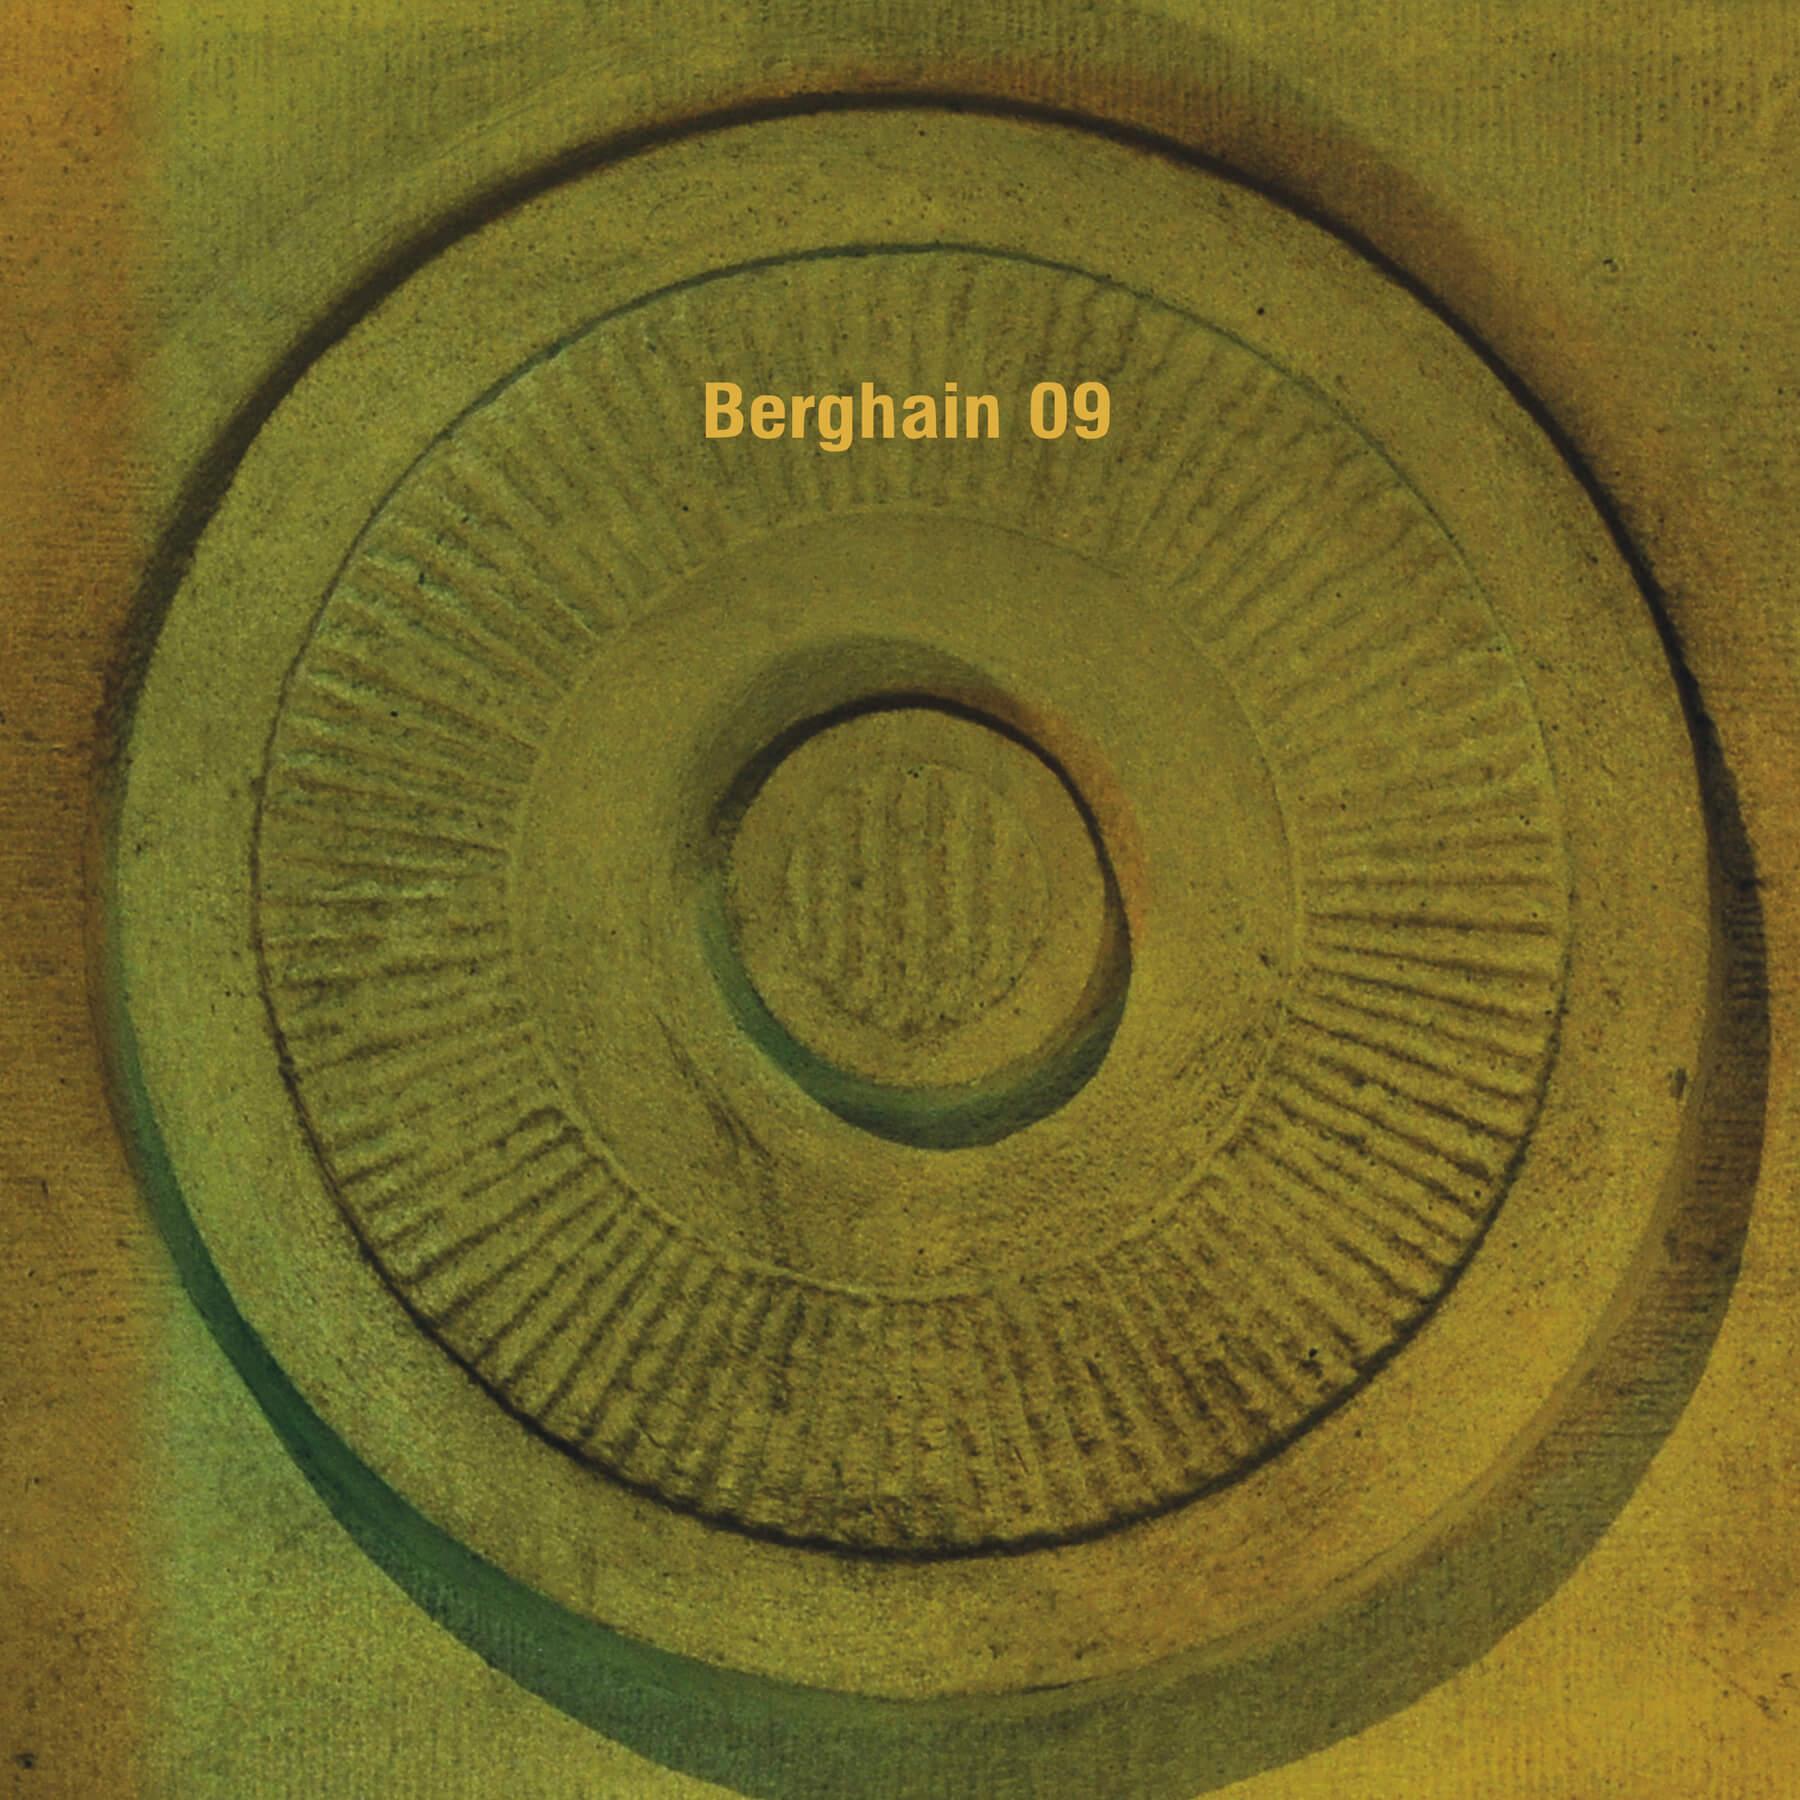 Berghain 09 - Vatican Shadow